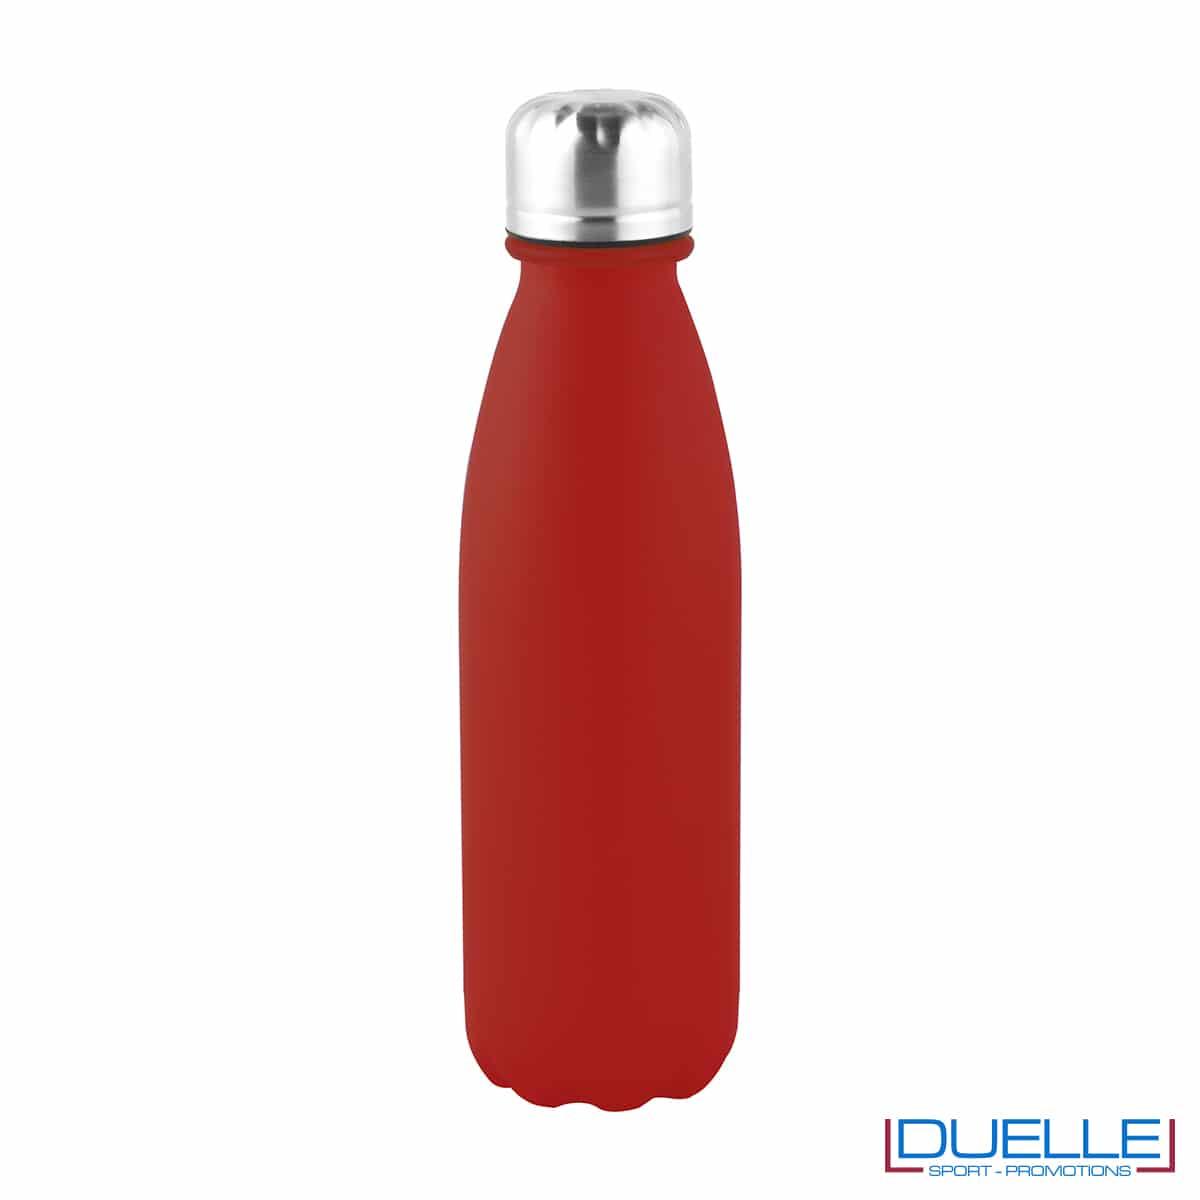 Bottiglia promozionale in alluminio 500ml finitura opaca colore rosso